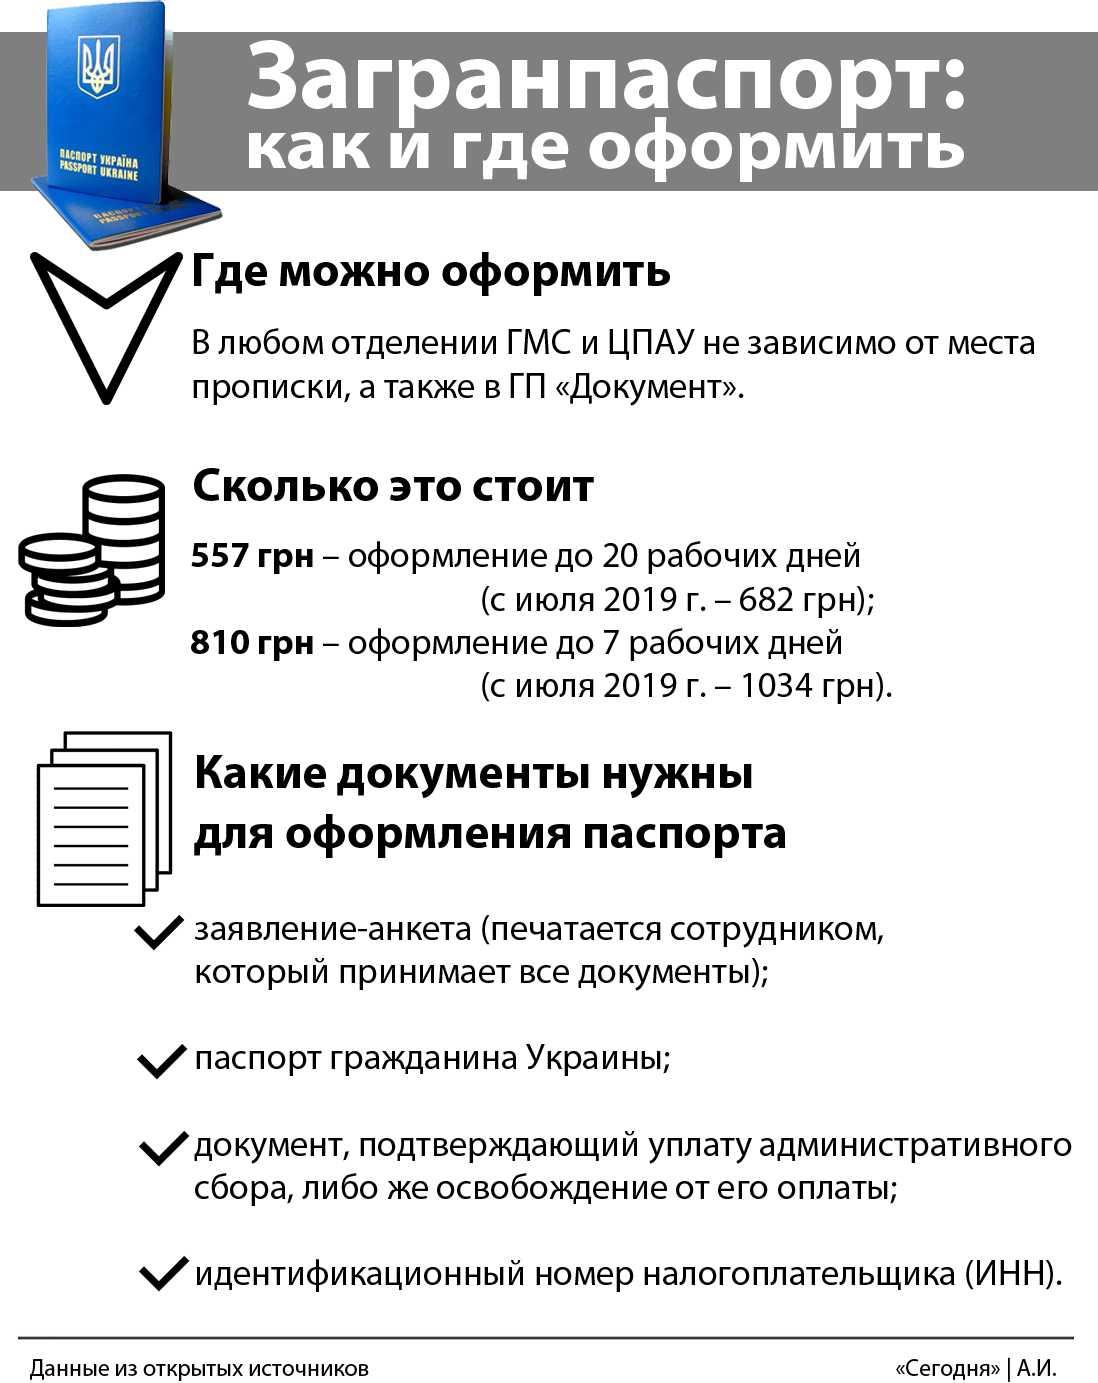 Как ребенку сделать загранпаспорт: документы, которые нужно подать для несовершеннолетнего, чтобы его оформить, сроки изготовления, получение за детей